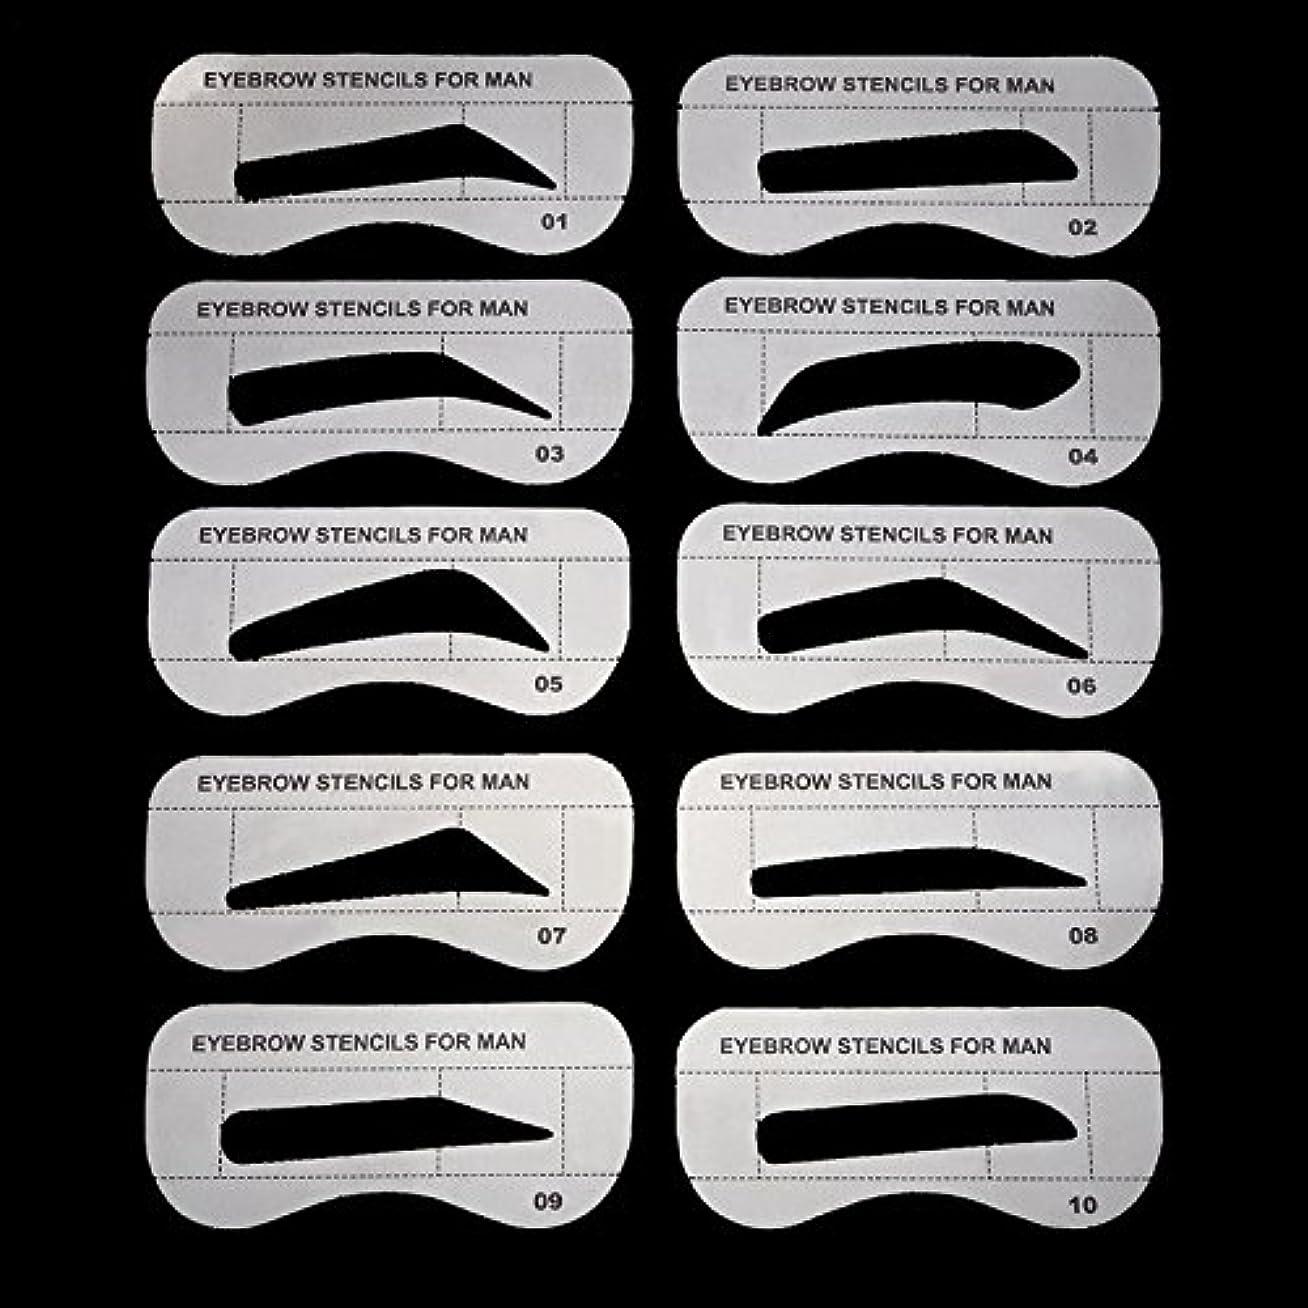 しがみつく認知最初GUQQRZCT 10個の男性の眉毛のカードの描画ガイドカードの眉のテンプレートの目のメイクアップのシェイプのデザイン眉毛のステンシル